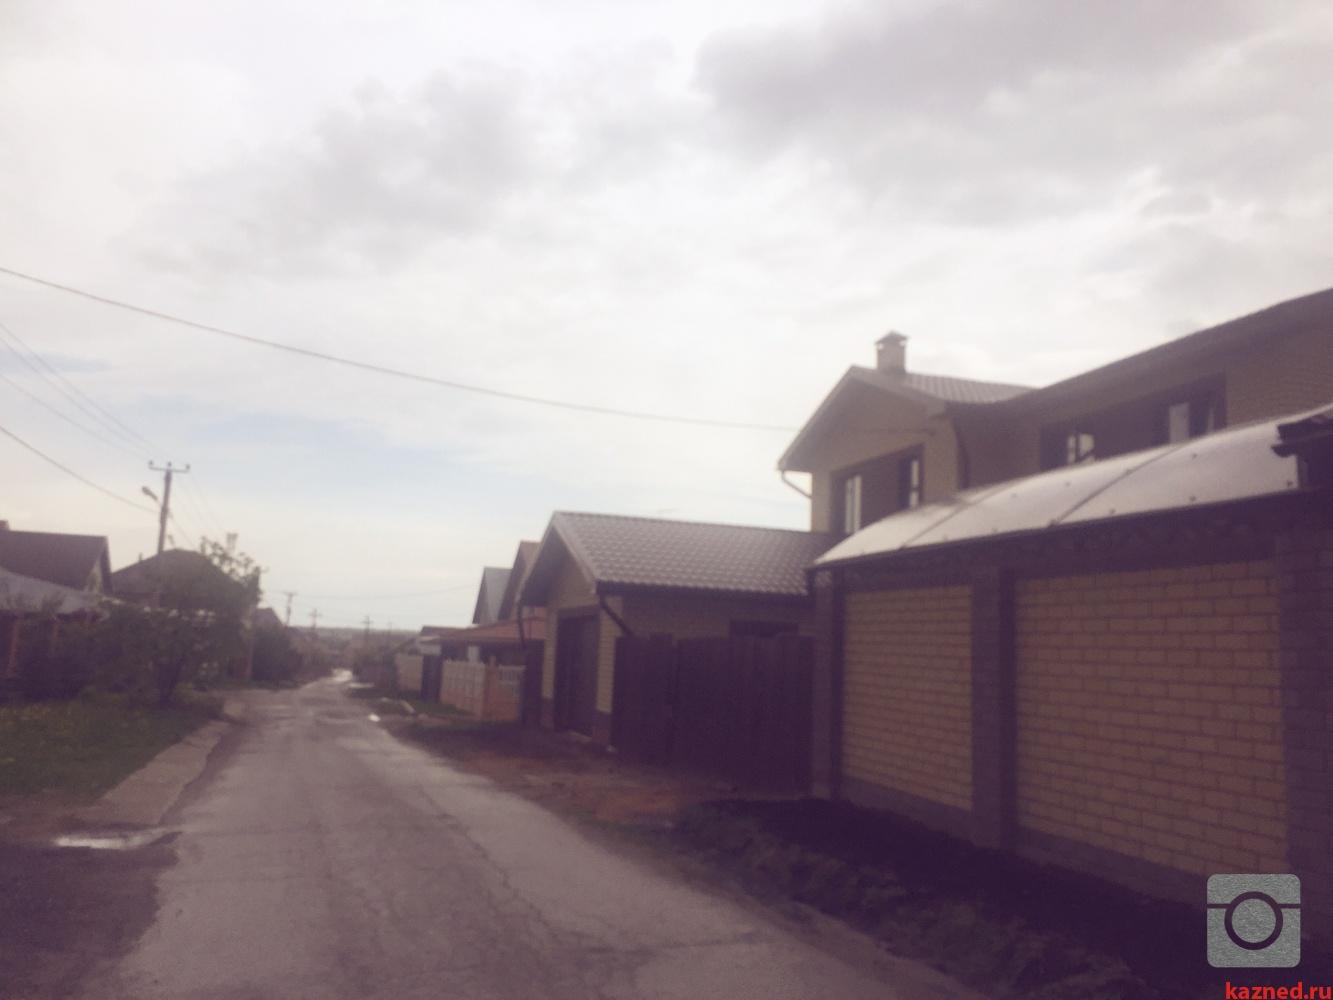 Продажа  дома вознесение, ул Грачиная, 200 м²  (миниатюра №2)